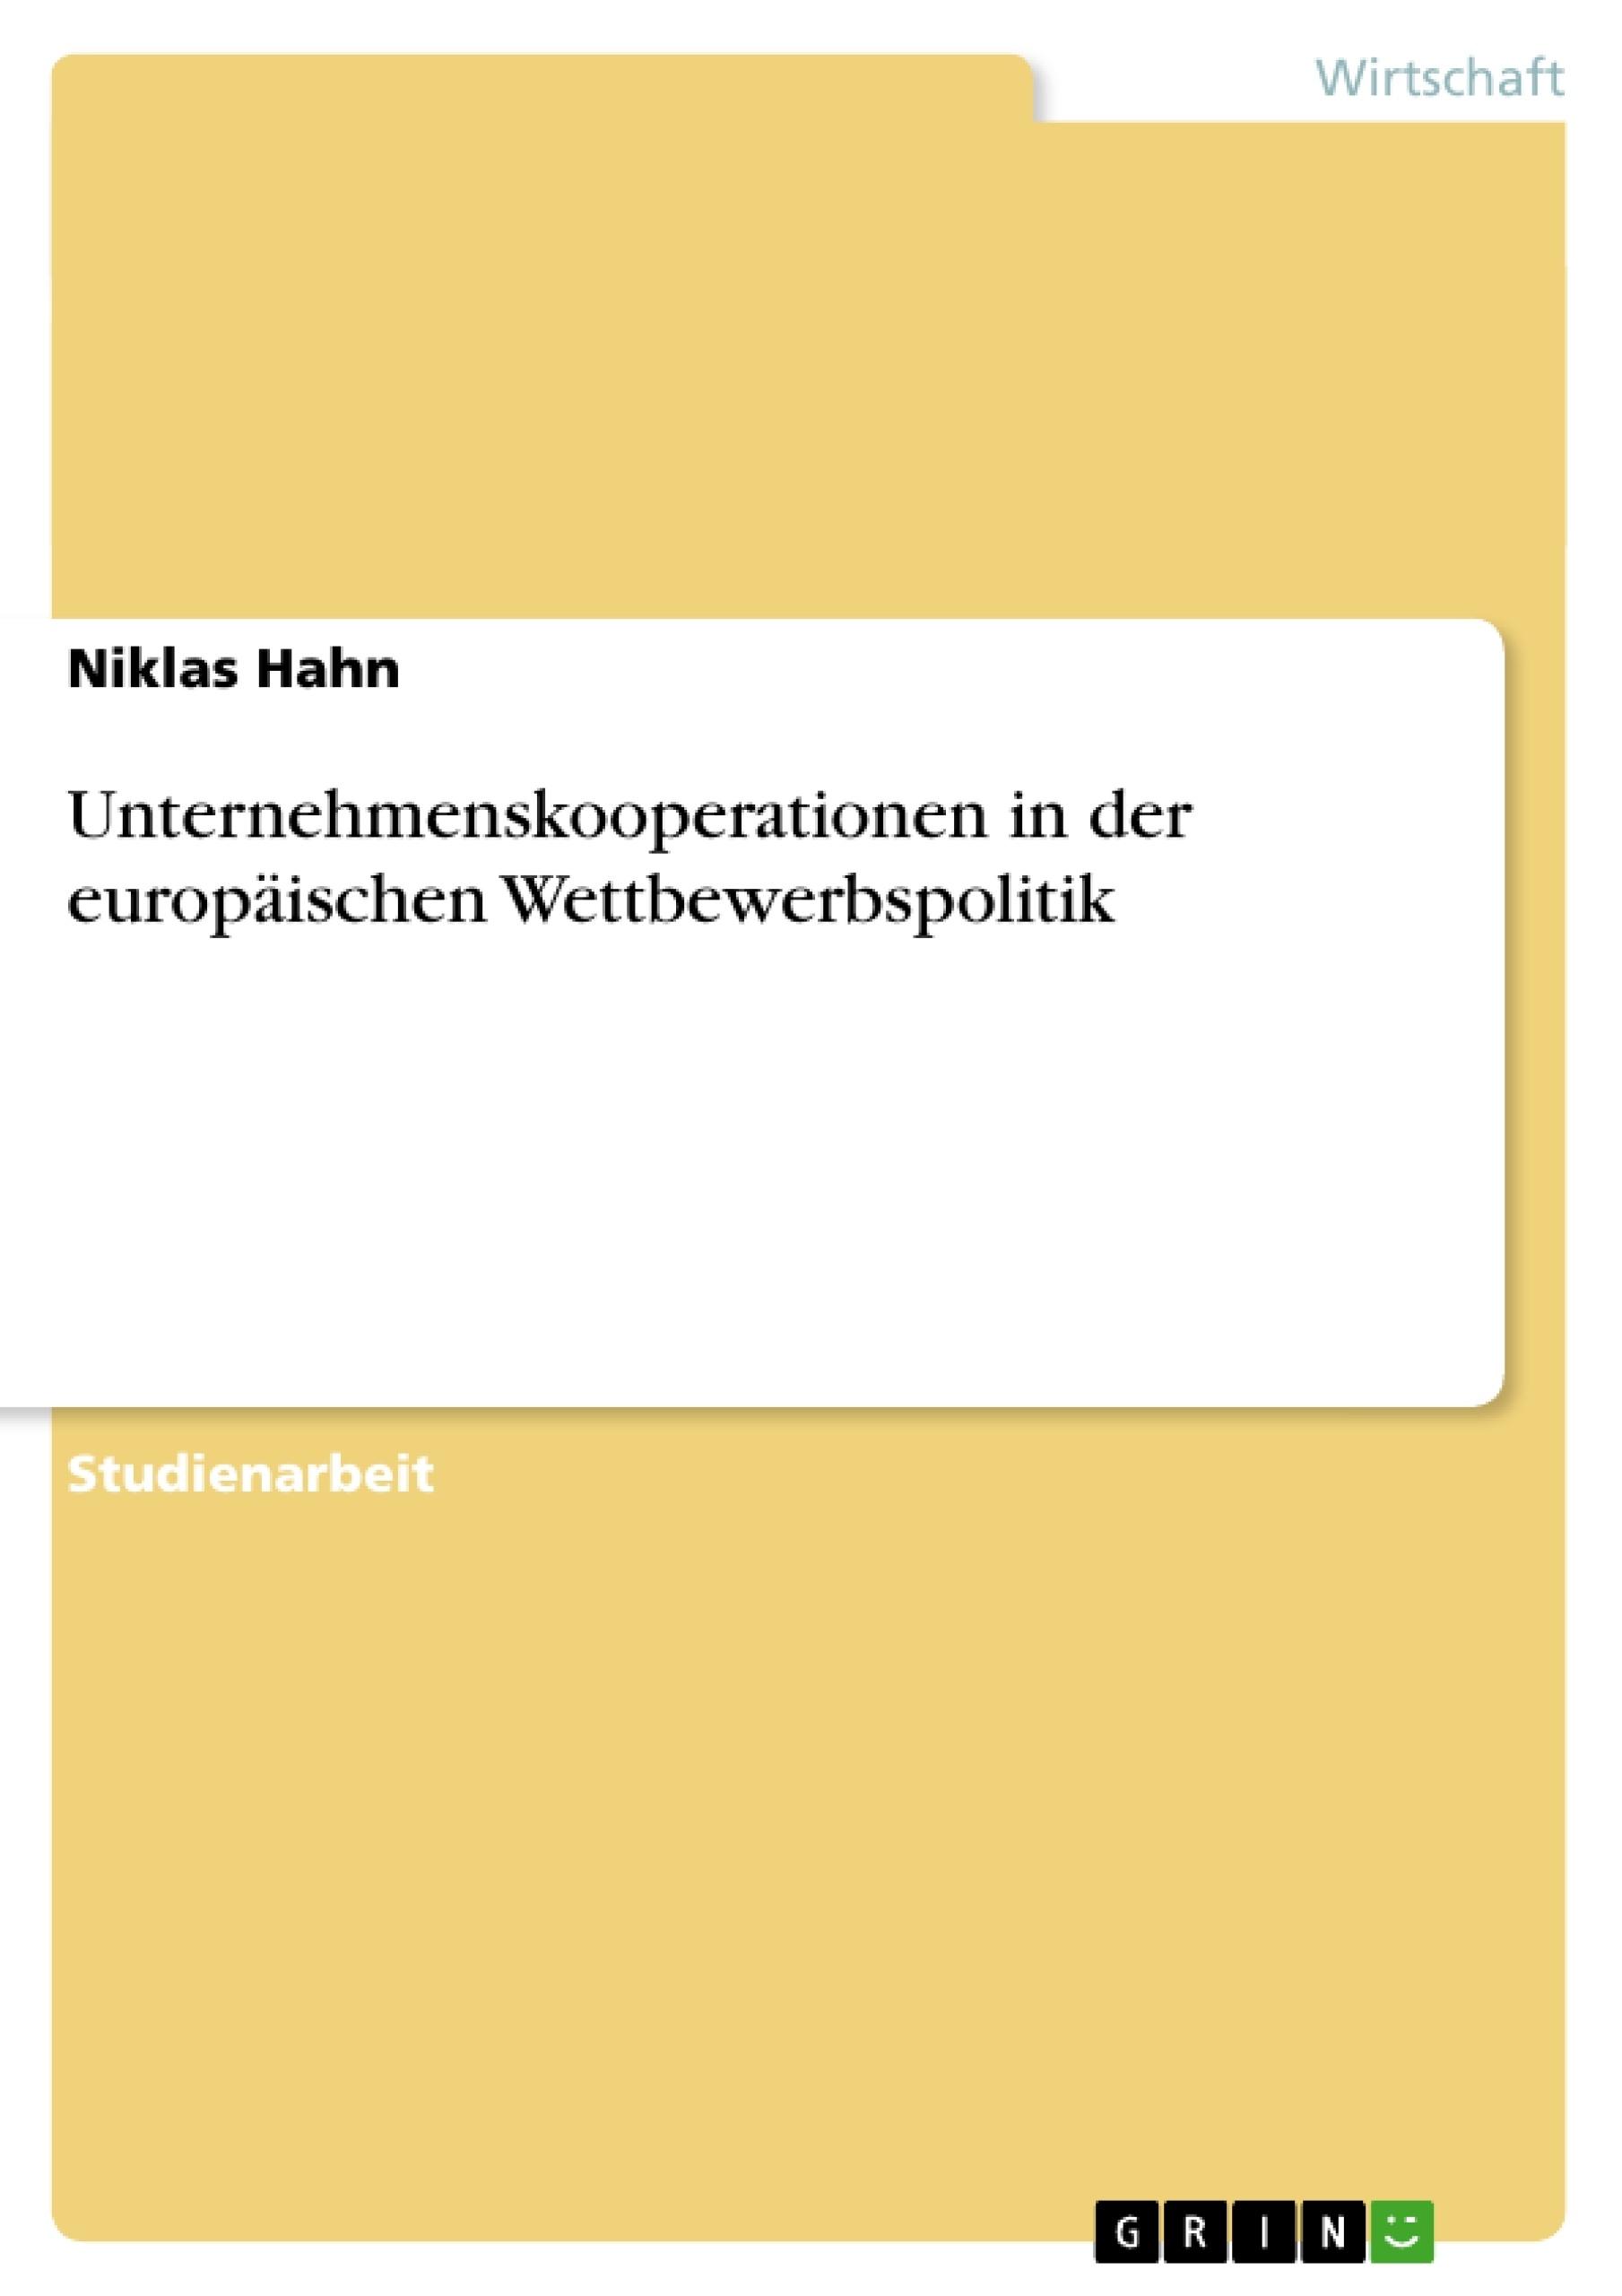 Titel: Unternehmenskooperationen in der europäischen Wettbewerbspolitik